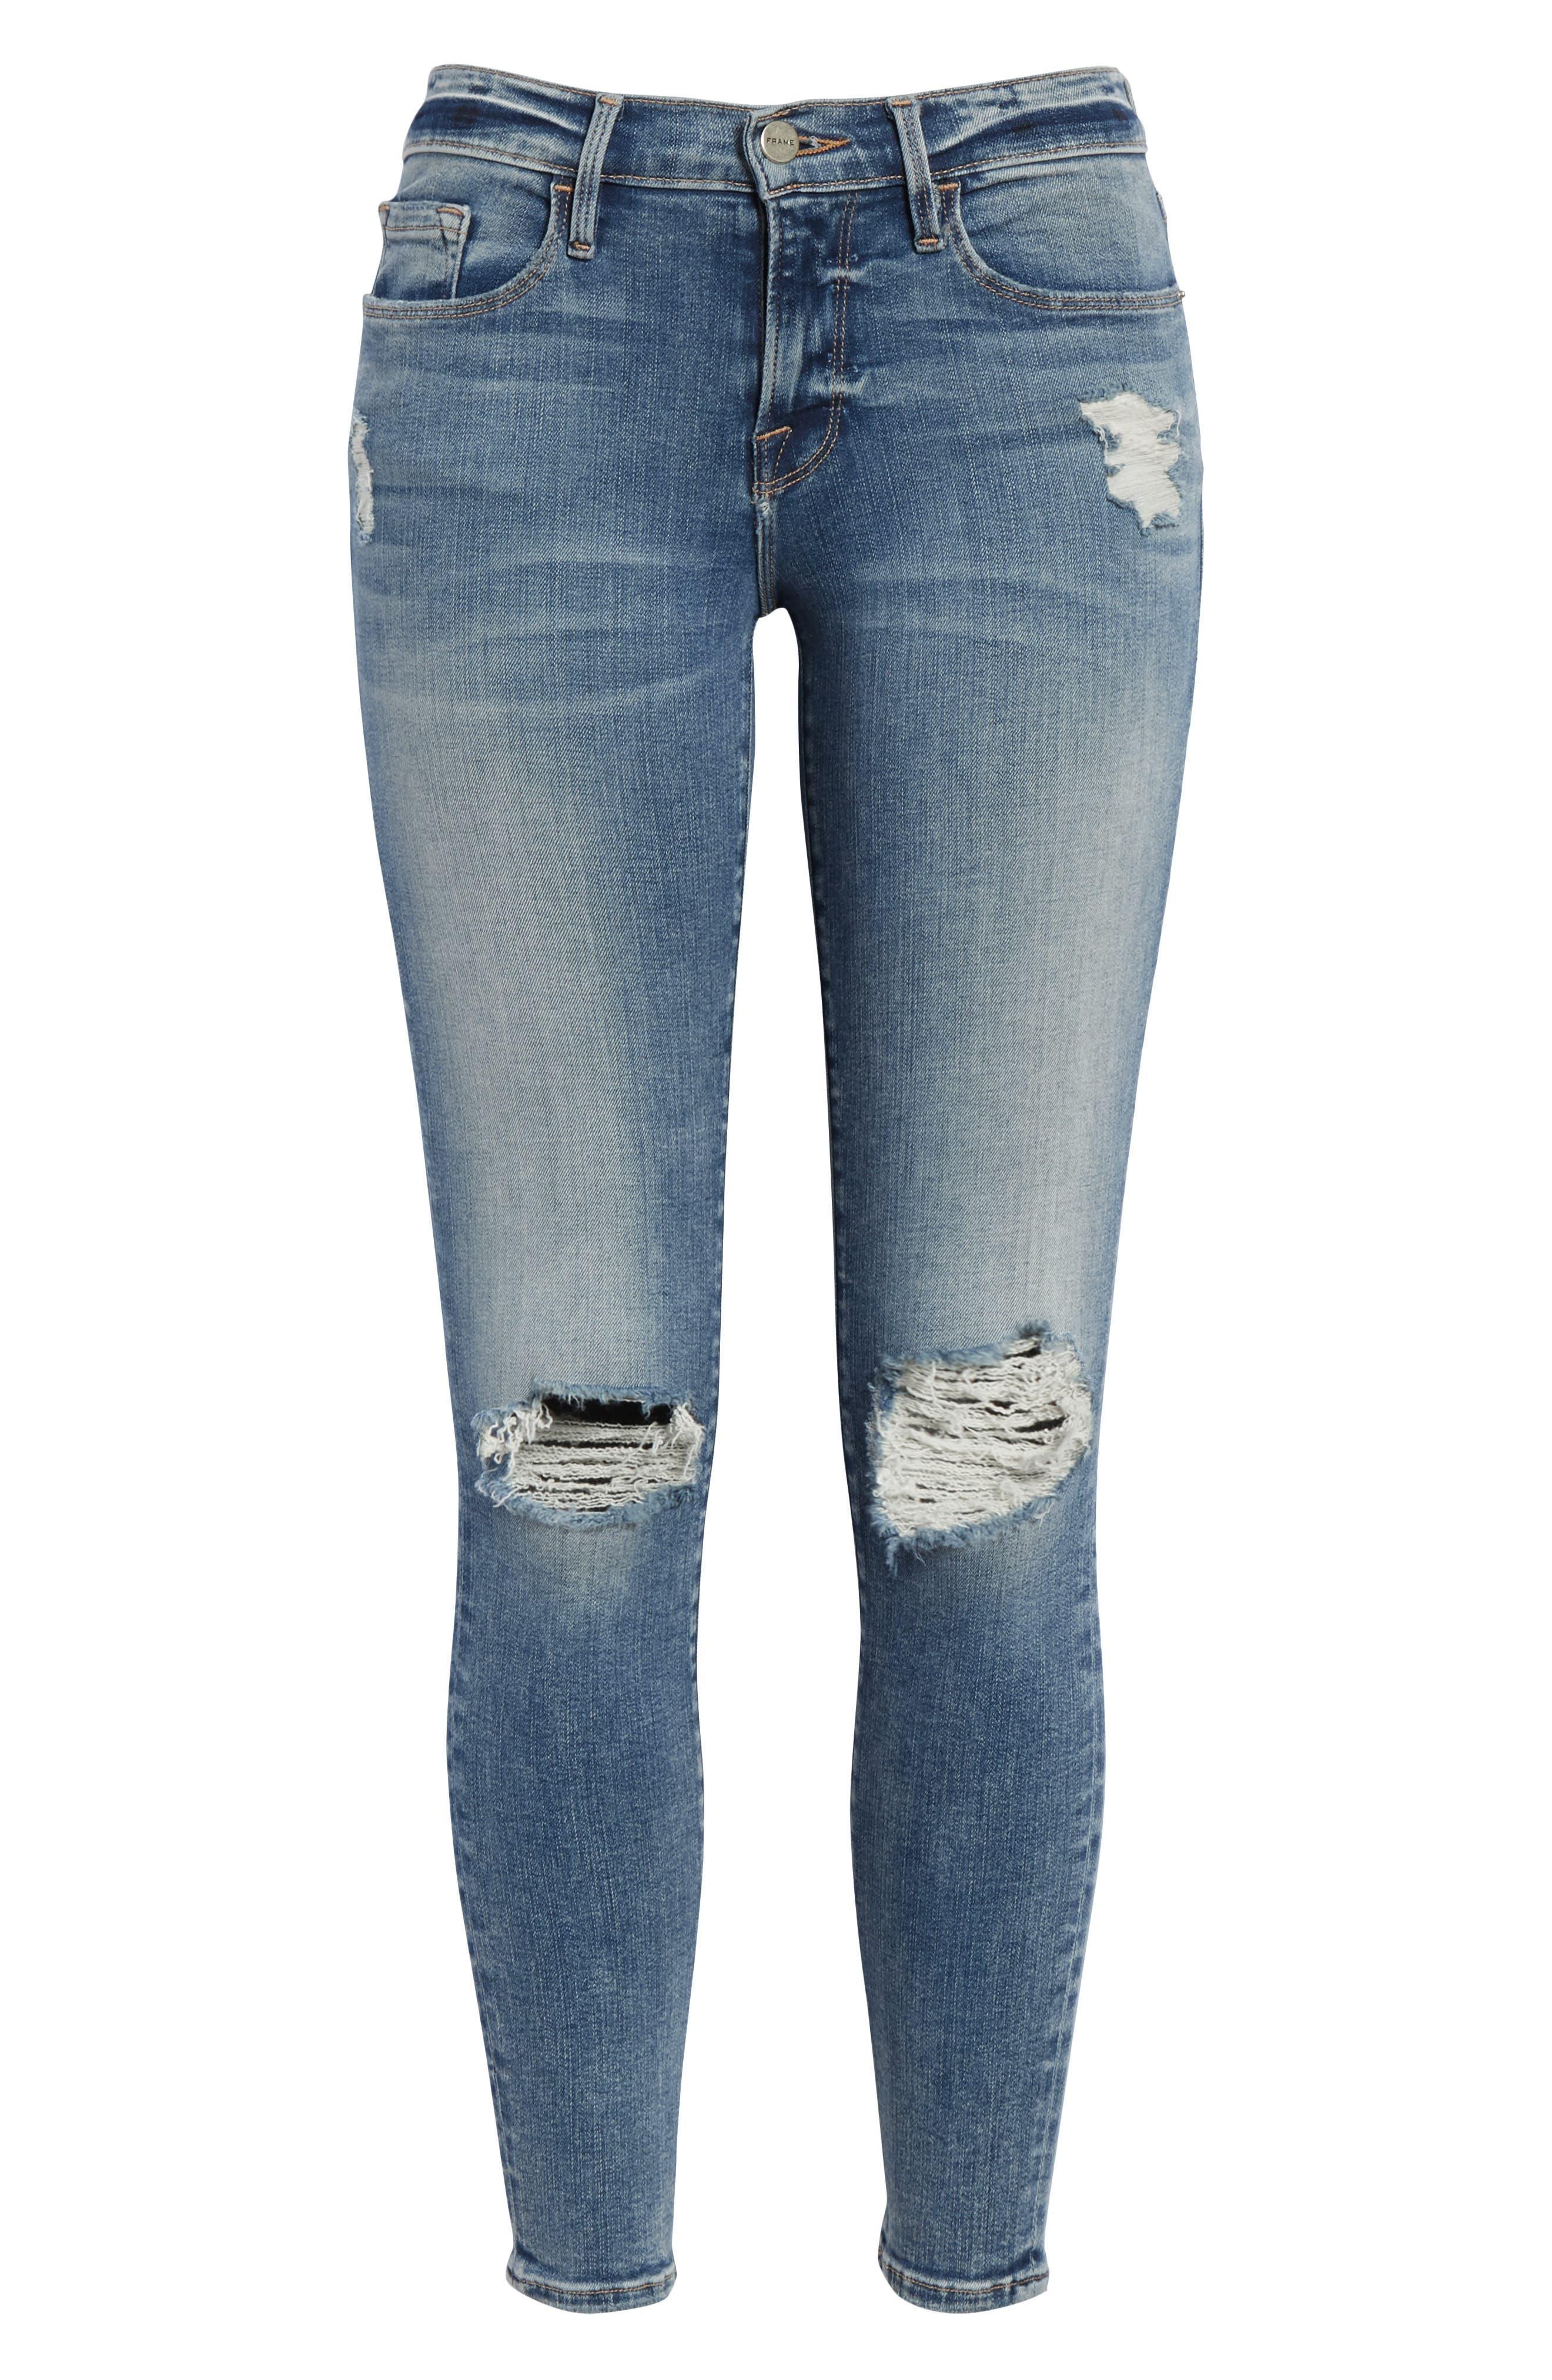 Le Skinny de Jeanne Crop Jeans,                             Alternate thumbnail 6, color,                             STOKES